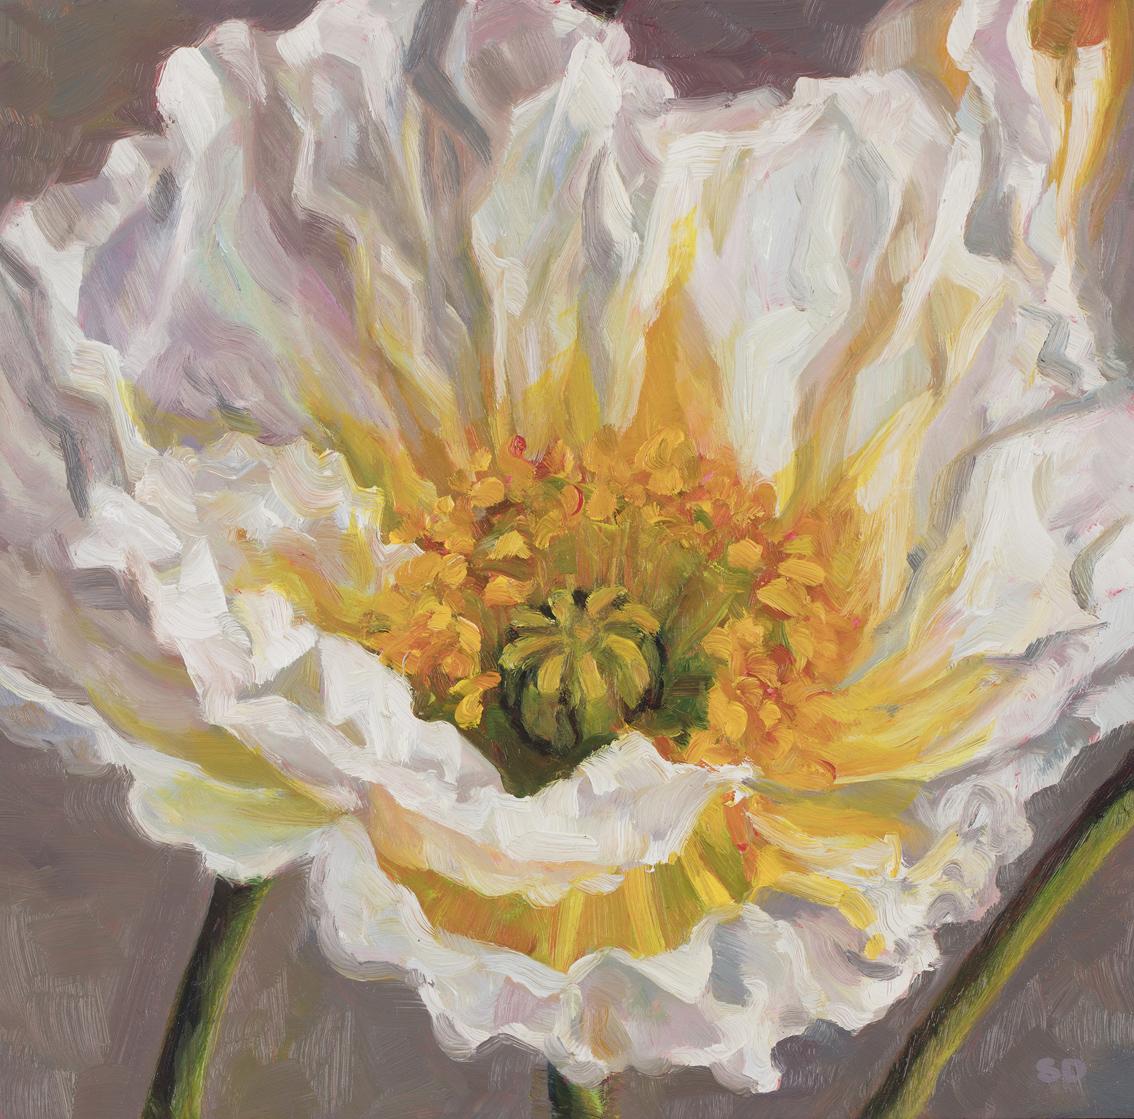 White Poppy   Oil on Panel, 20cm x 20cm